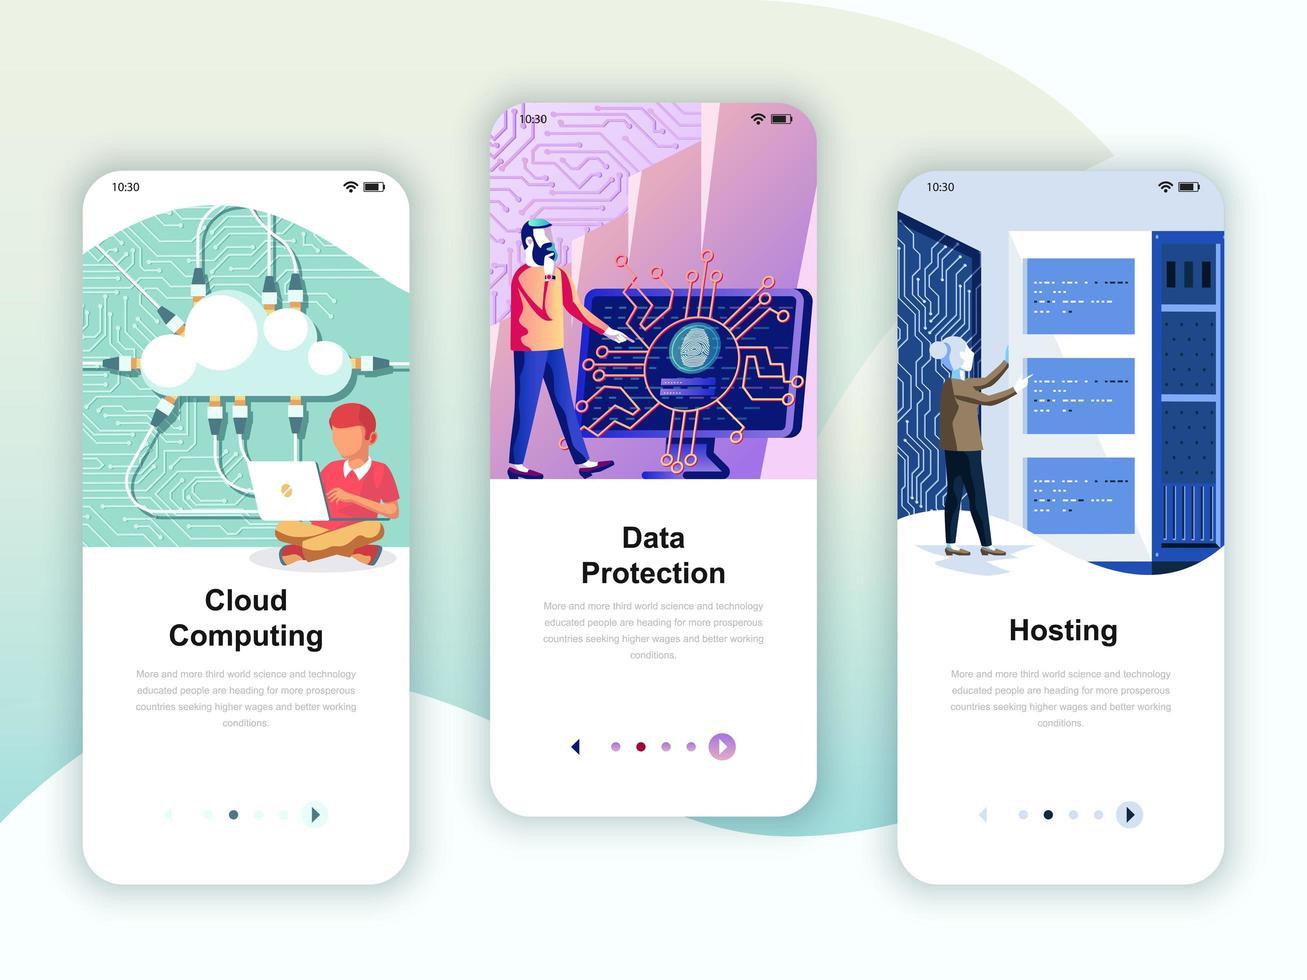 Conjunto de kit de interface de usuário de telas de integração para Cloud Computing, proteção, hospedagem, conceito de modelos de aplicativo móvel. Modern UX, tela de interface do usuário para o site móvel ou responsivo. Ilustração vetorial.